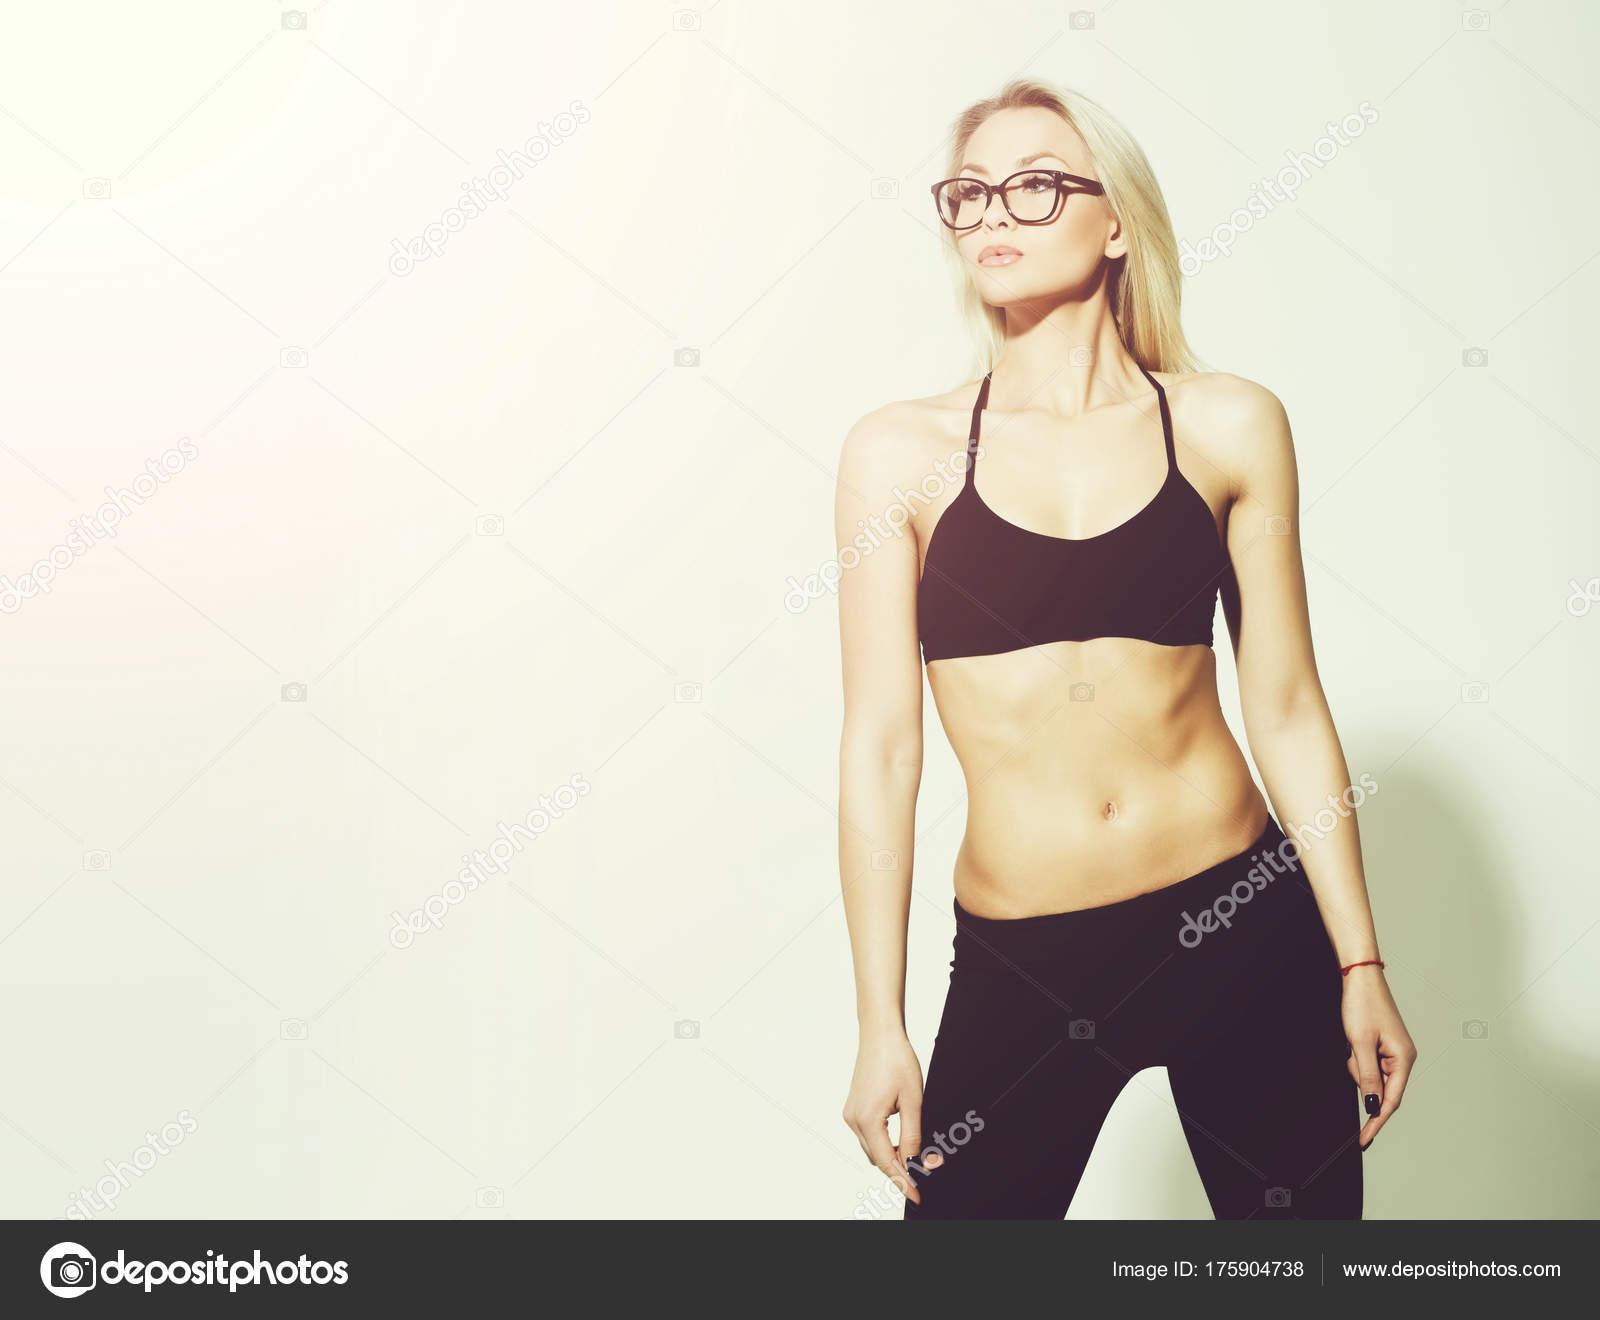 Sehr sportliches Girl Athlet mit muskulösen Oberkörper — Stockfoto ...